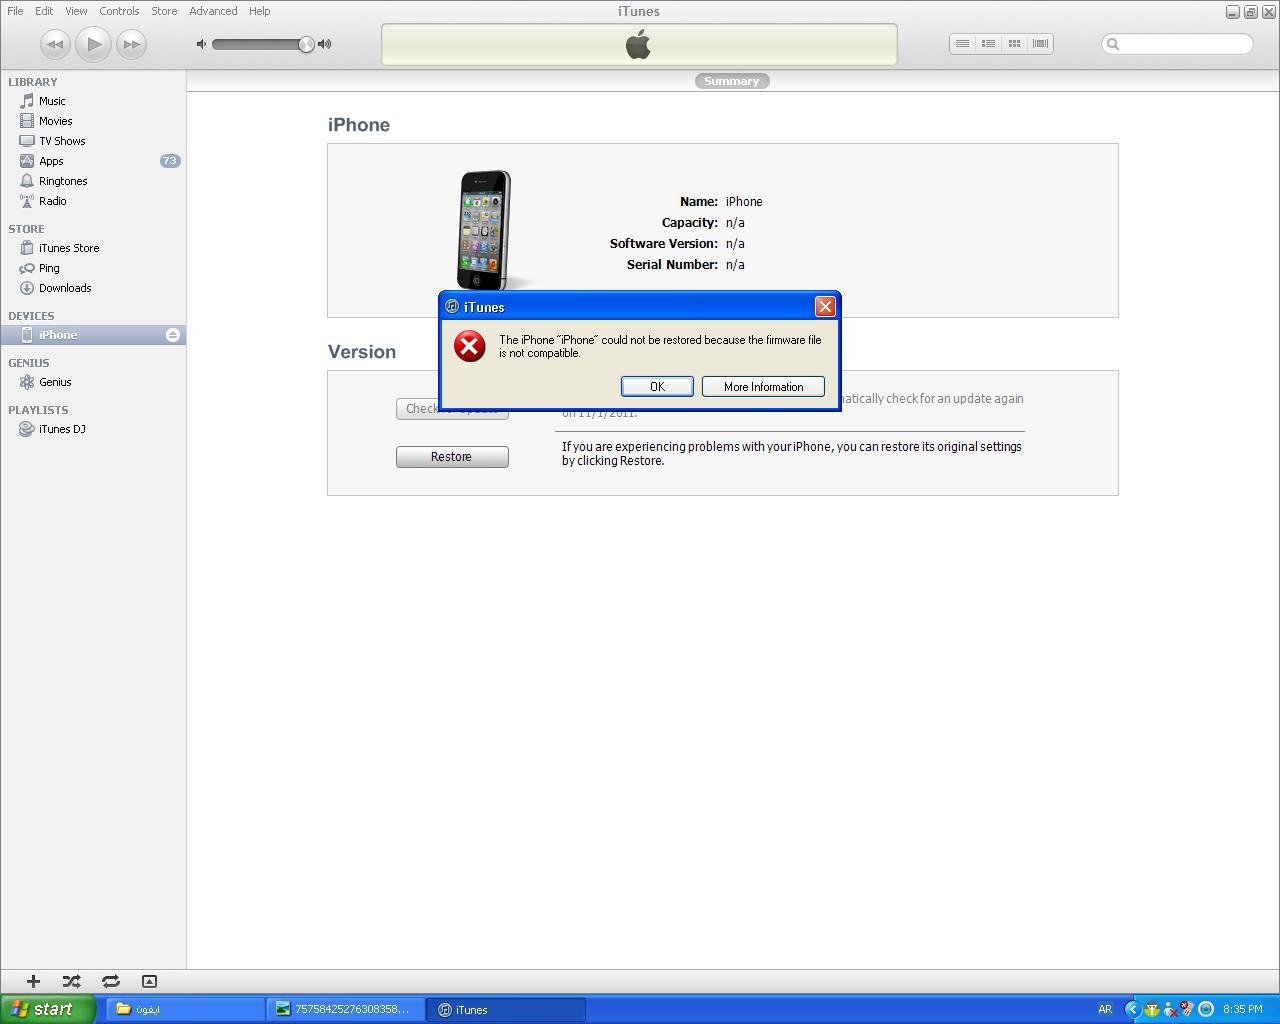 مساعده بحل مشكلة ايفون 4g 4.2.1 اريد تحديث 4.3.3